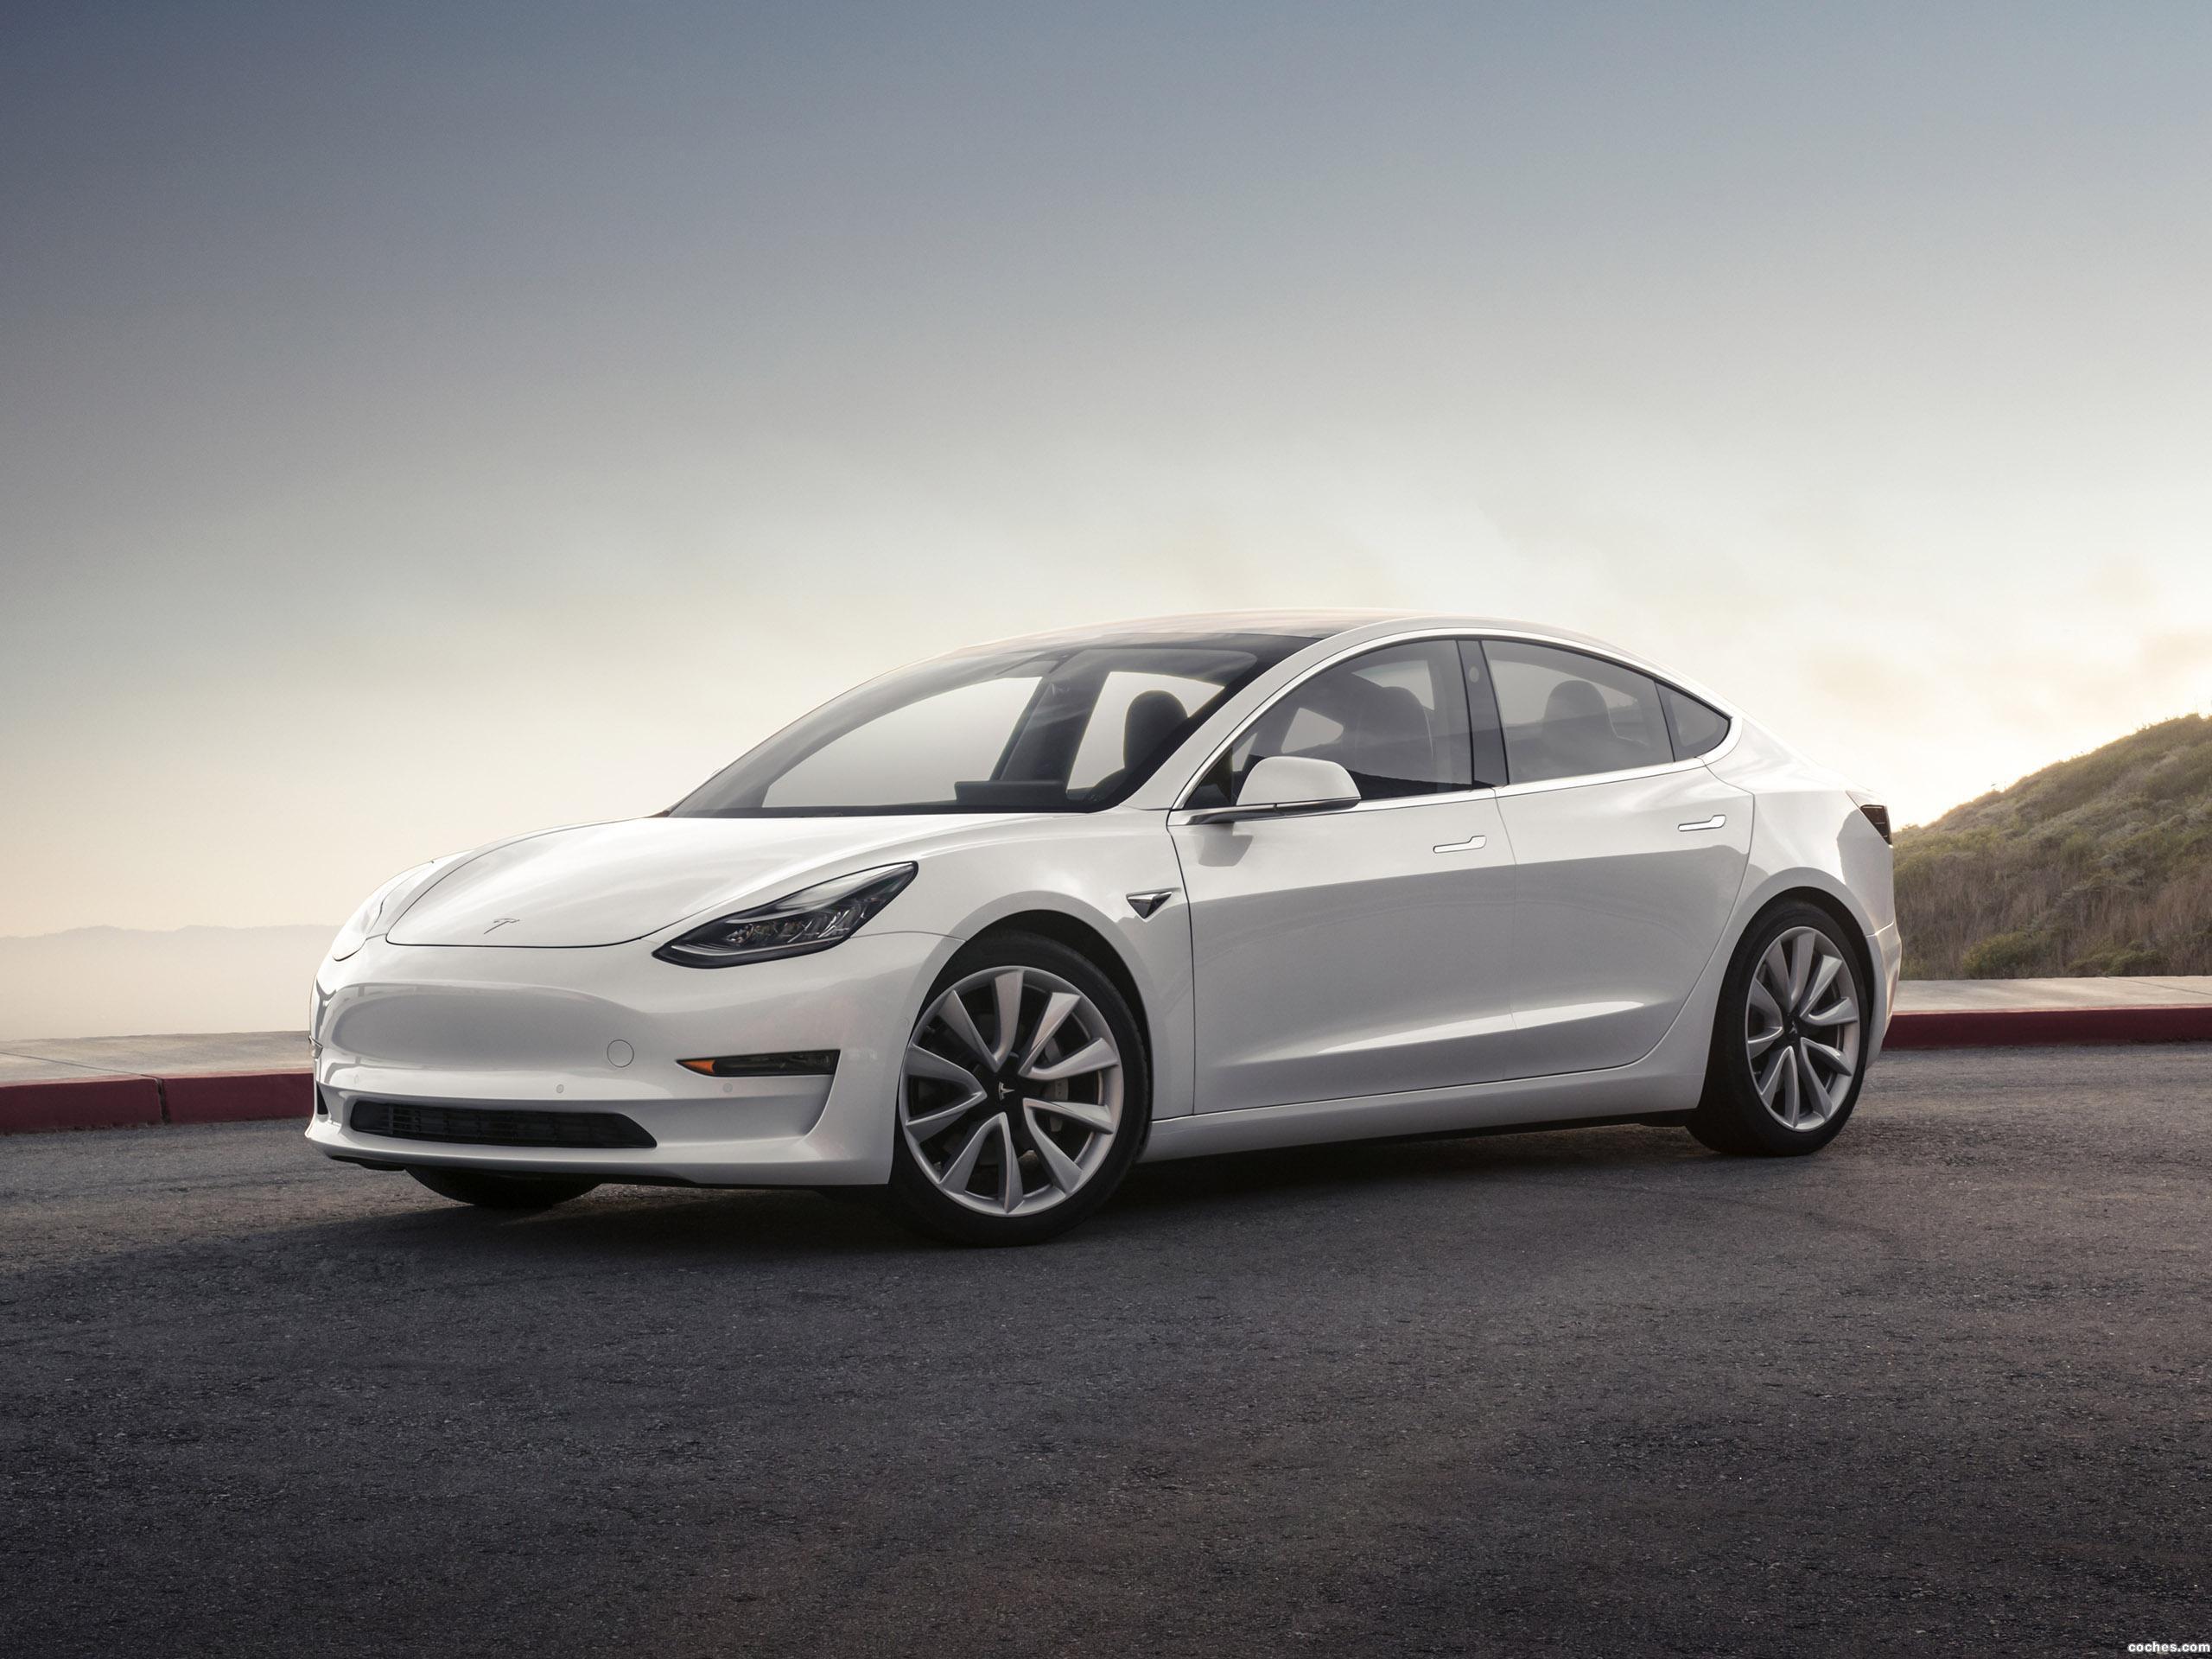 Foto 0 de Tesla Model 3 2017